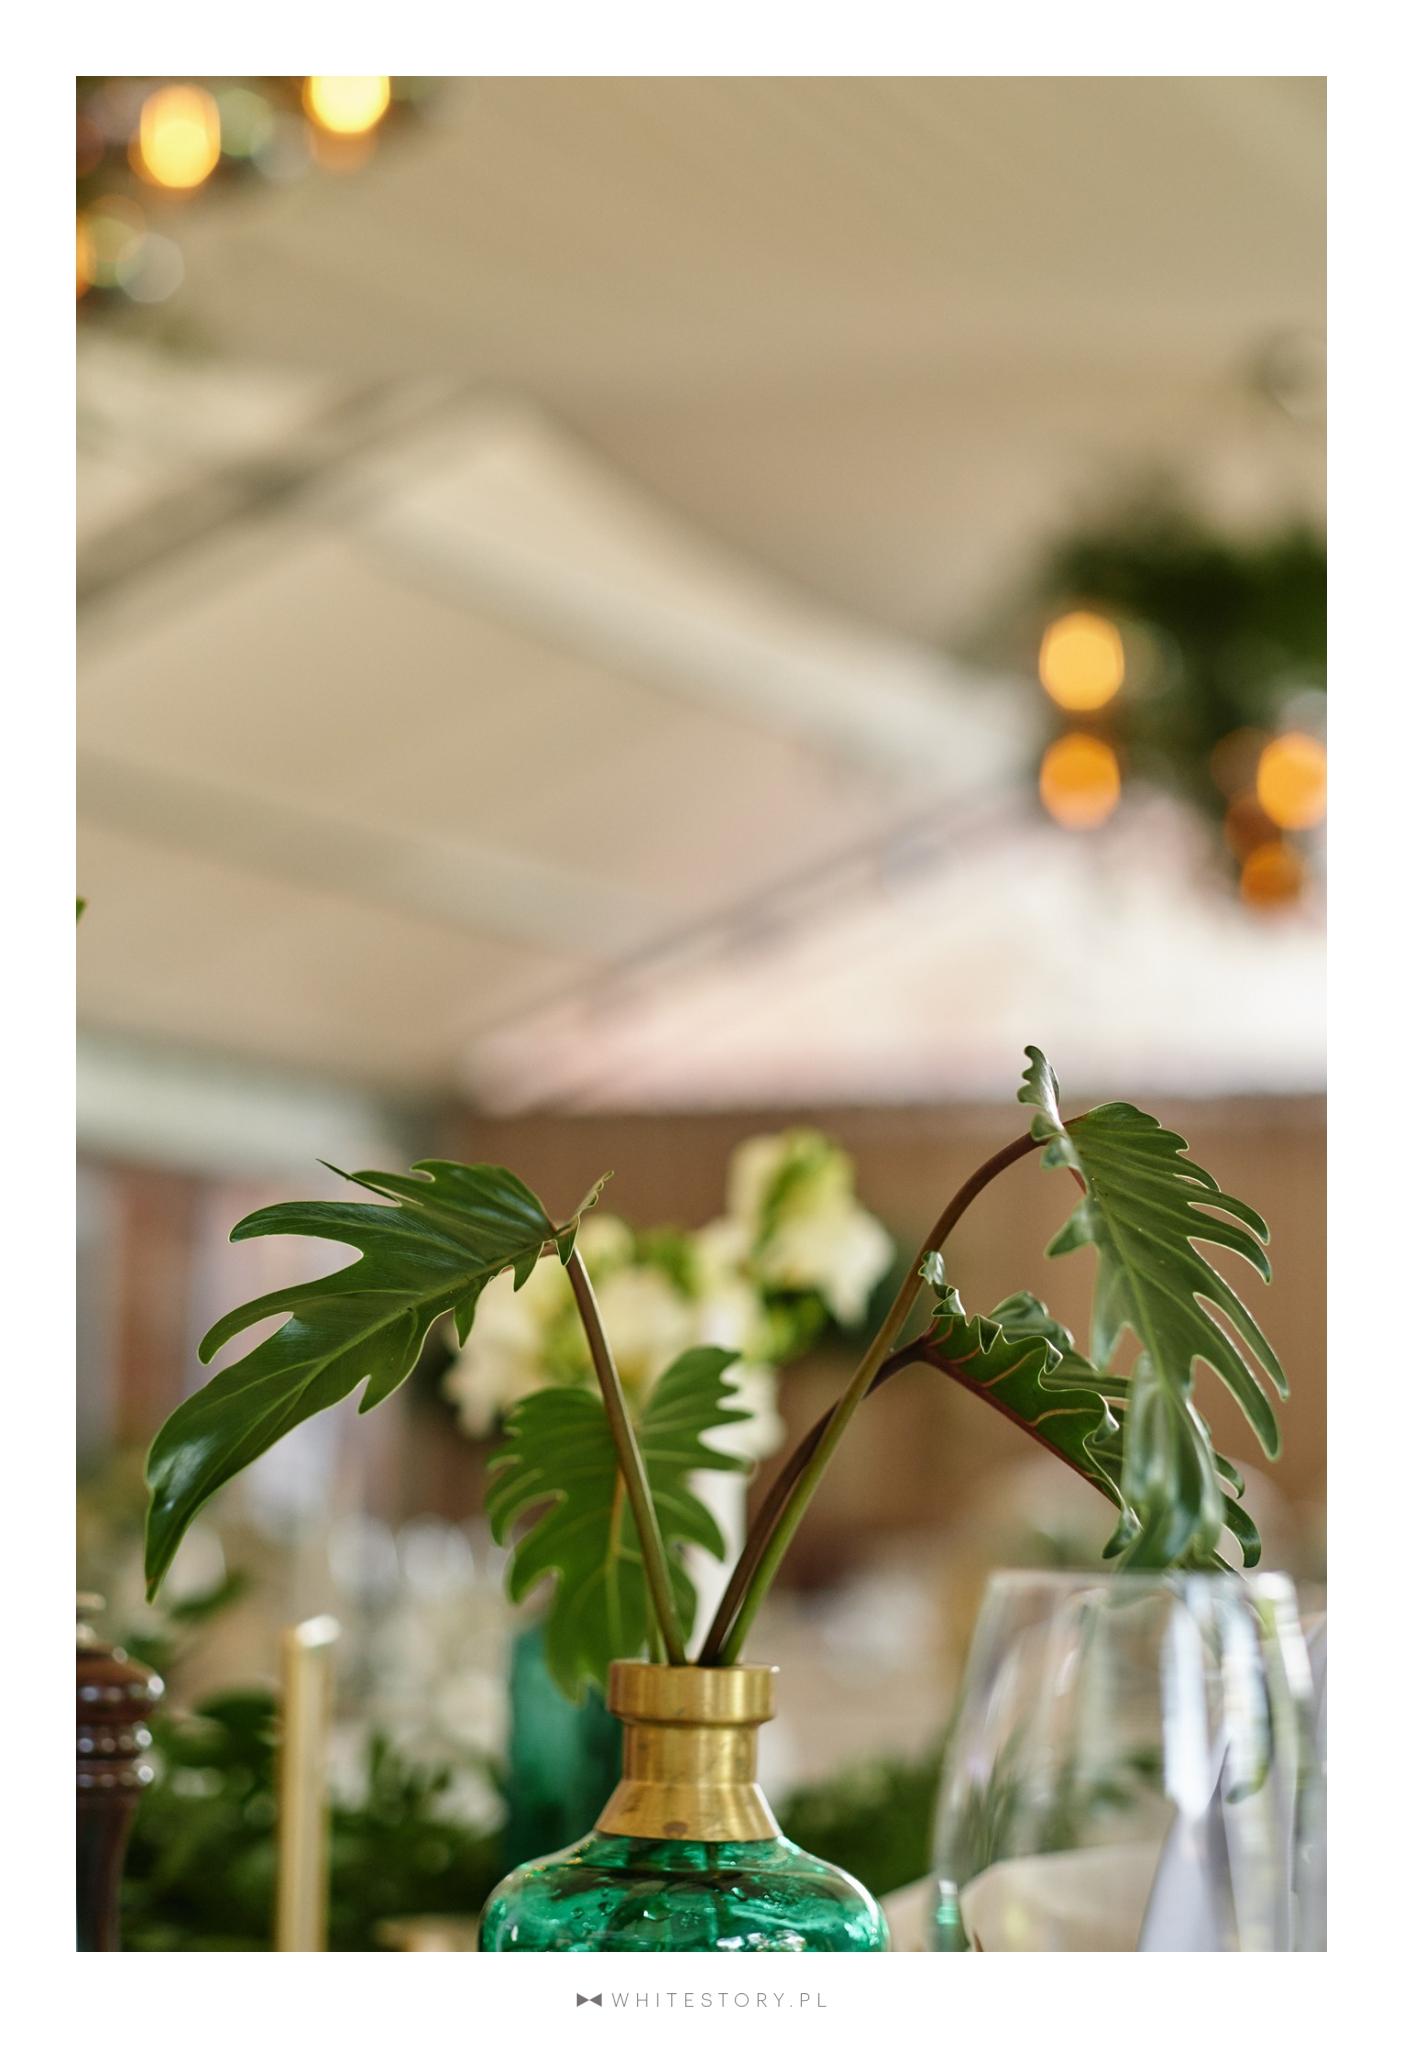 wesele, szmaragd, złoto, konsultant ślubny, wesele w klubie bankowca, greenery, gold, emerald, konsultant ślubny, konsultant ślubny warszawa, wedding planner, organizacja wesel, organizacja ślubów, organizacja ślubu, warszawa,